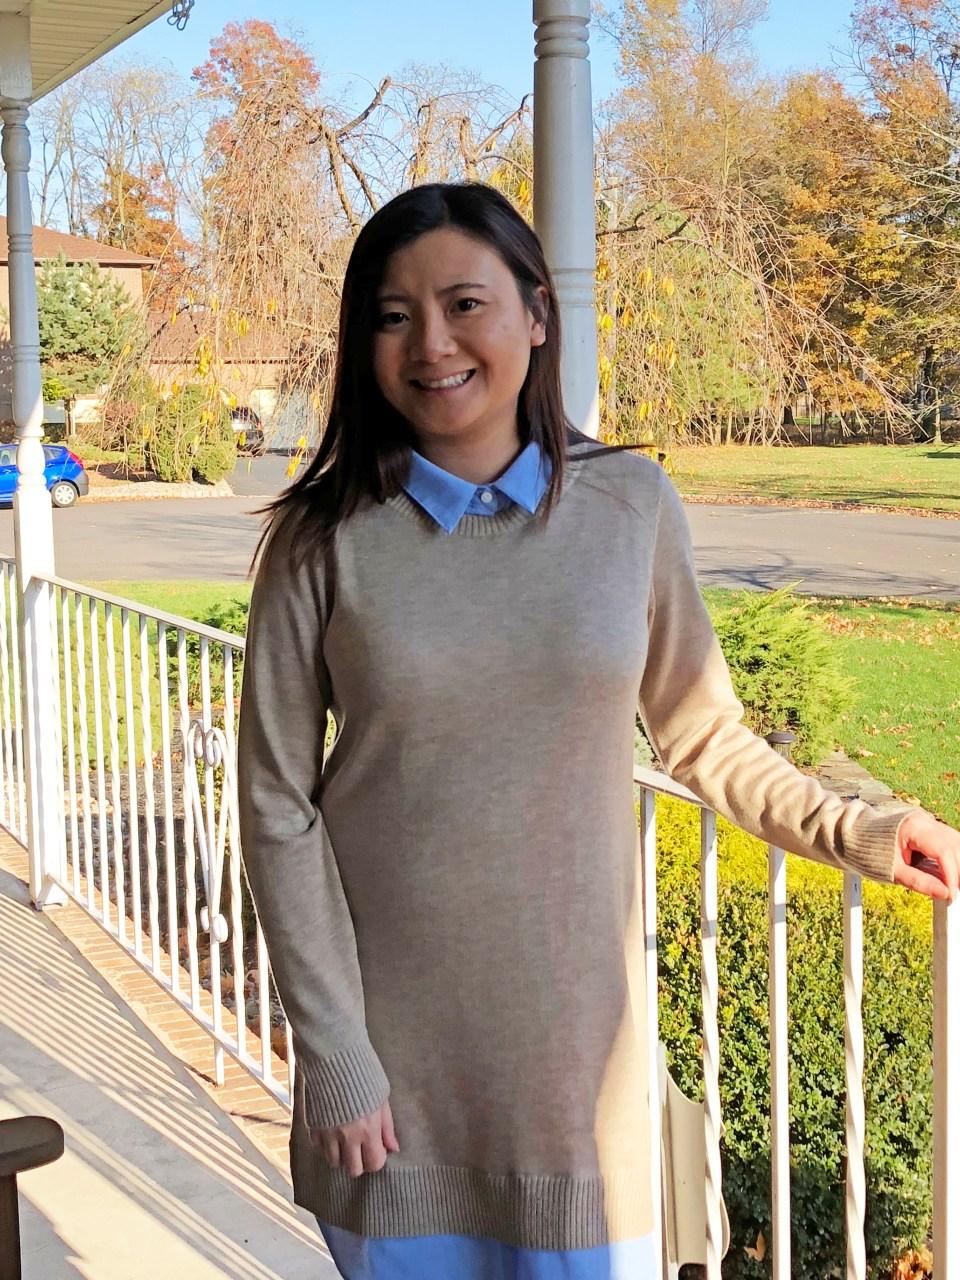 Oxford Blue Shirt Sweater Dress 13